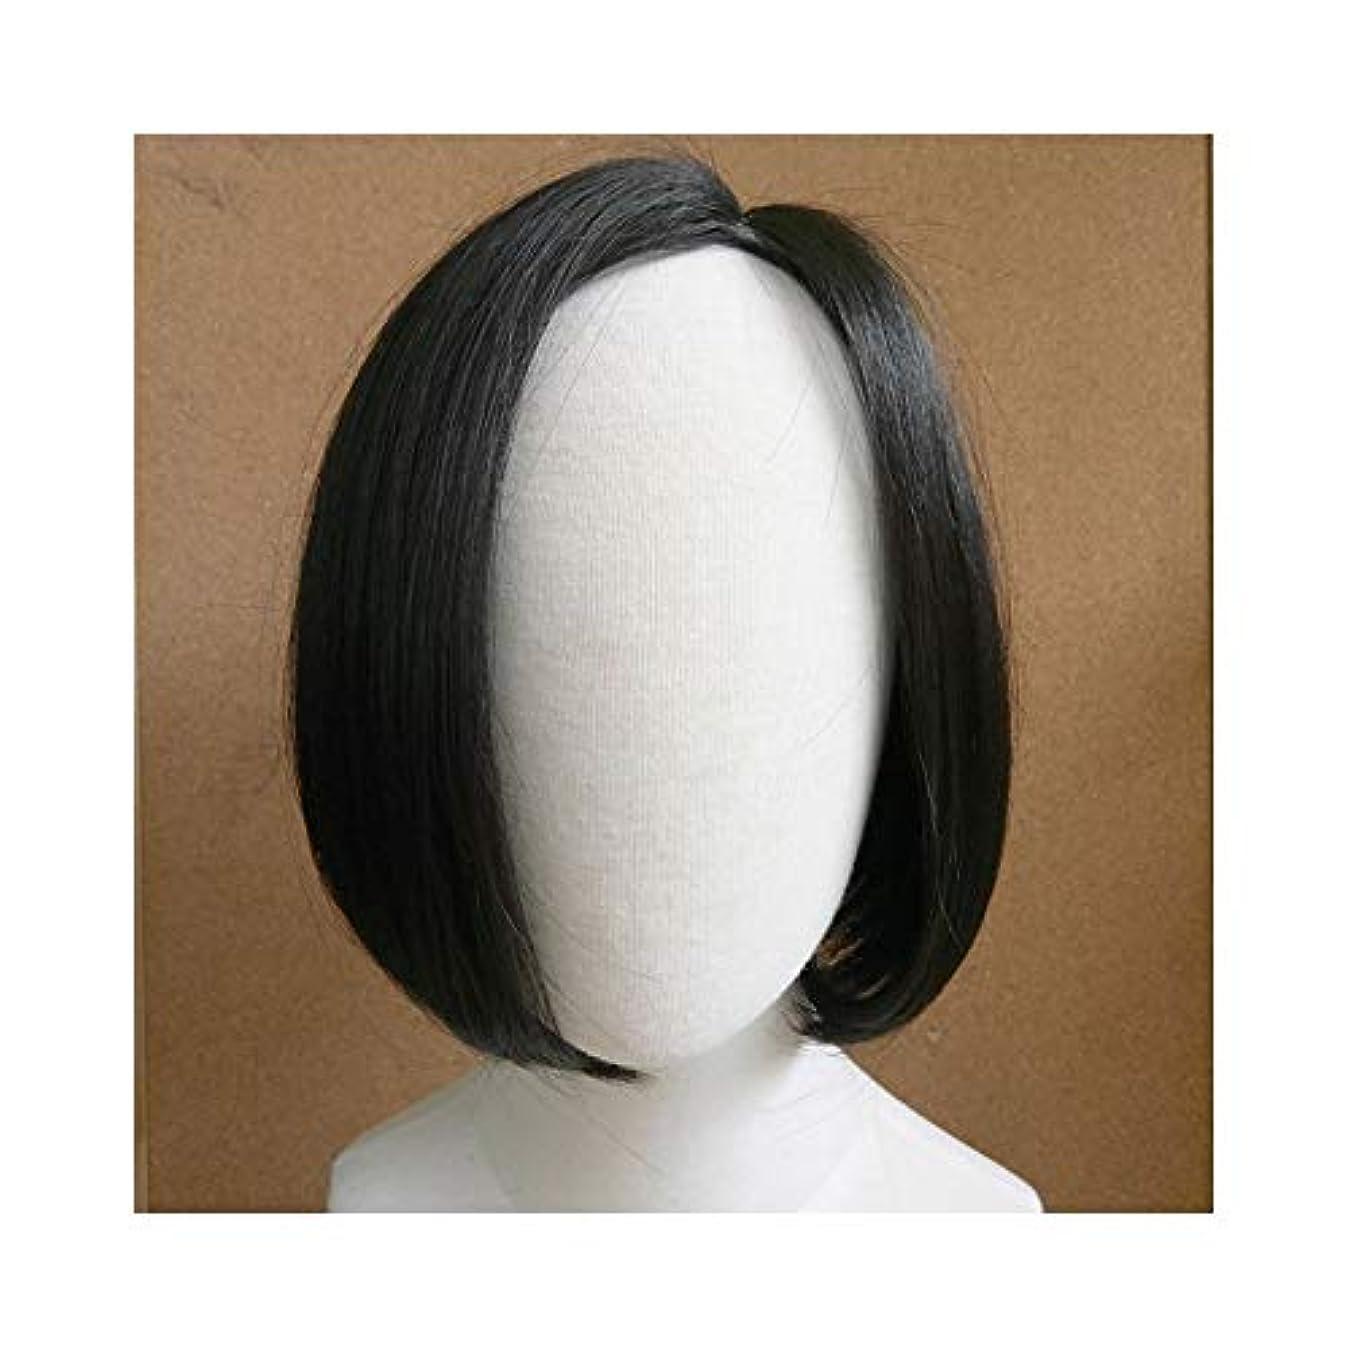 上向き小切手金銭的なYOUQIU 女性のための純粋な本物の人間の髪の毛ボブショートウィッグ、洗浄し、ウィッグをカールすることができます (色 : Photo Color, サイズ : 20 inches)